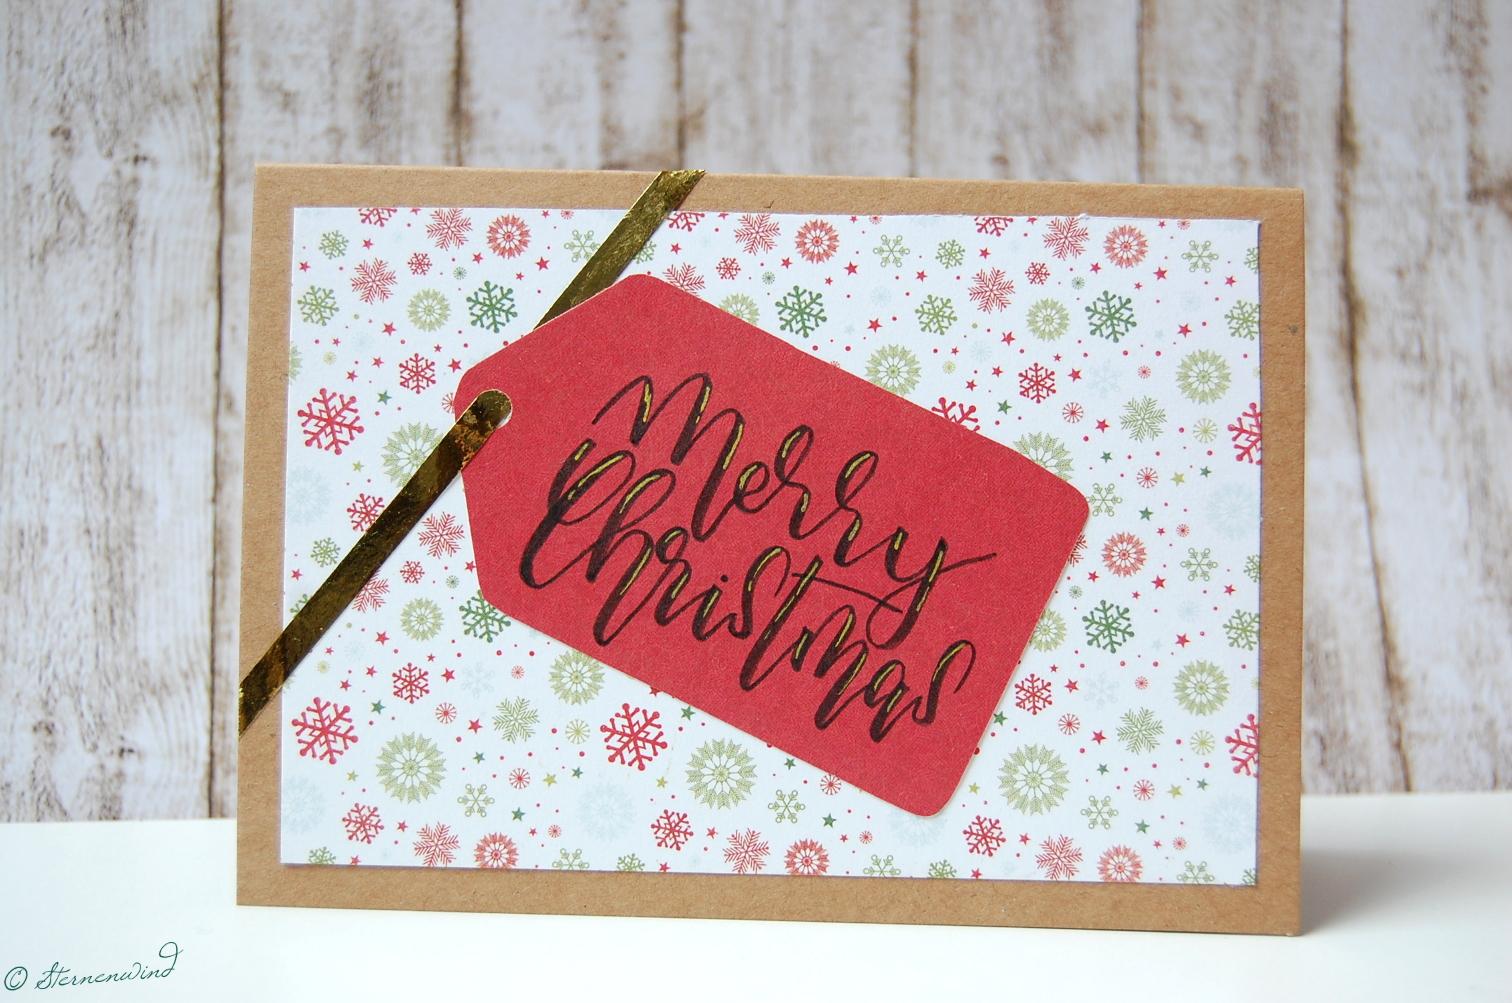 Gebastelte Weihnachtskarten.Lettering 14 Weihnachtskarten Lettern Teil 1 Sternenwind Blog